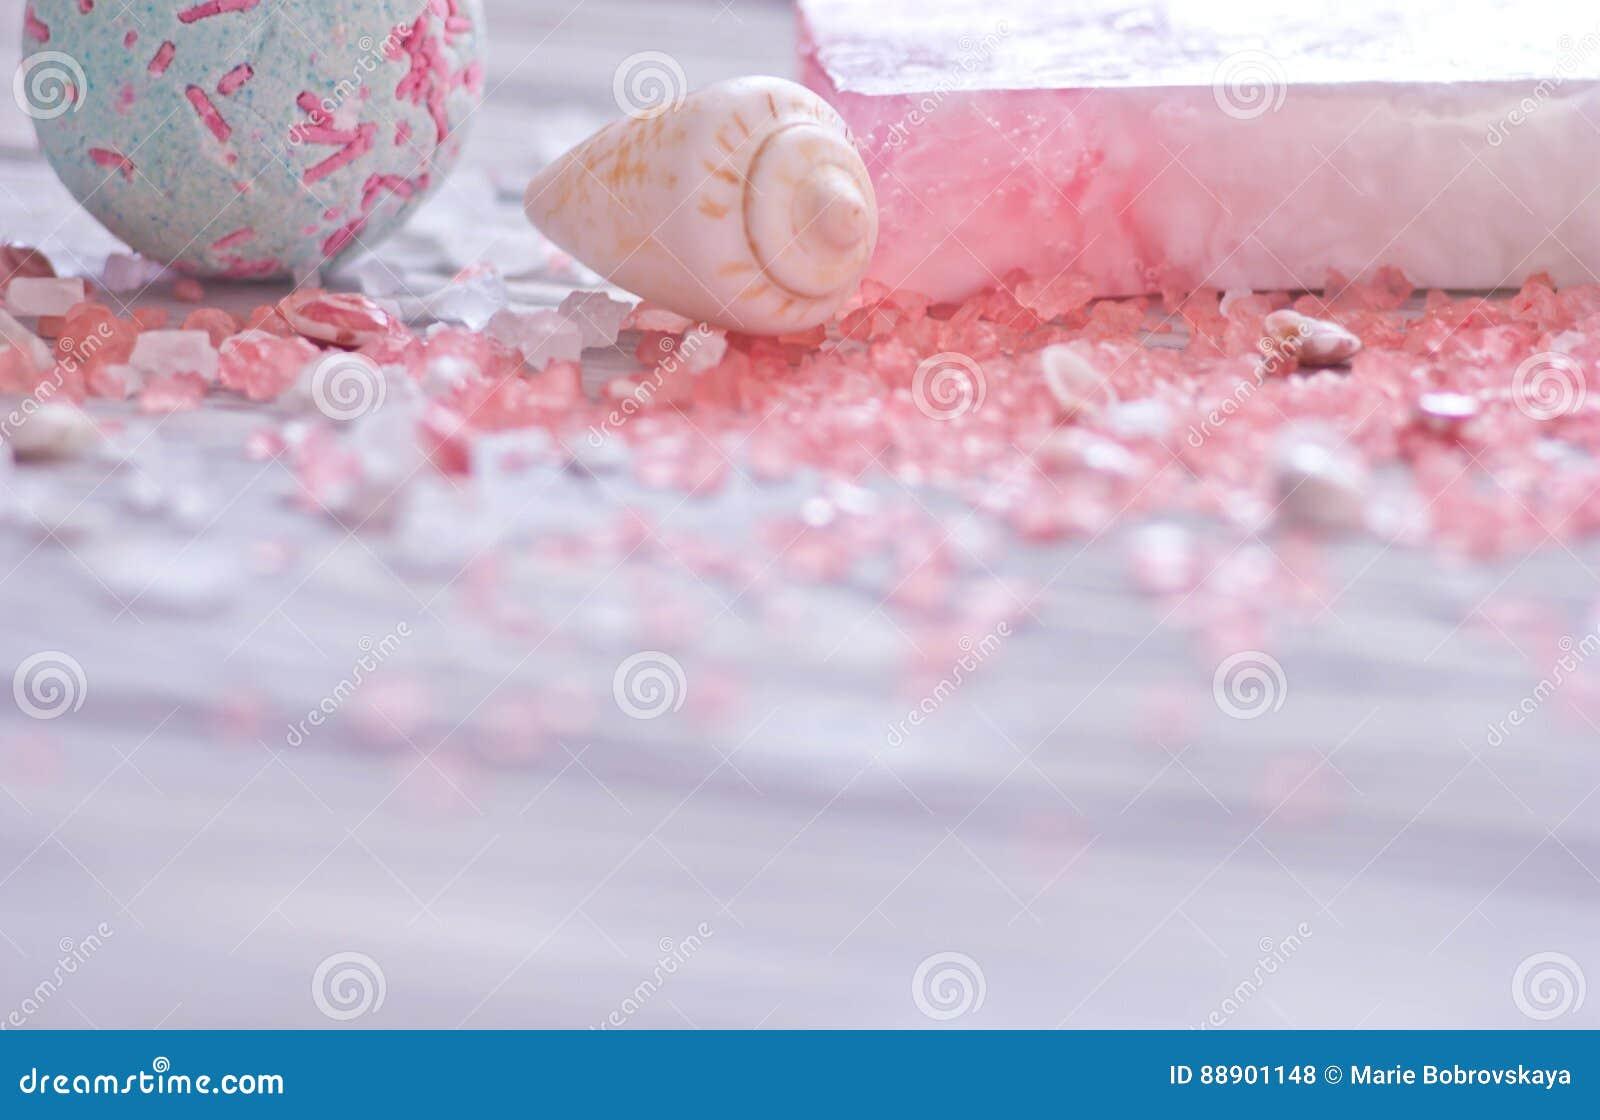 Kąpielowa bomba, seashells, handmade mydło bar i menchia zdroju sól dla ciała, dbamy Miękka ostrość na przedpolu